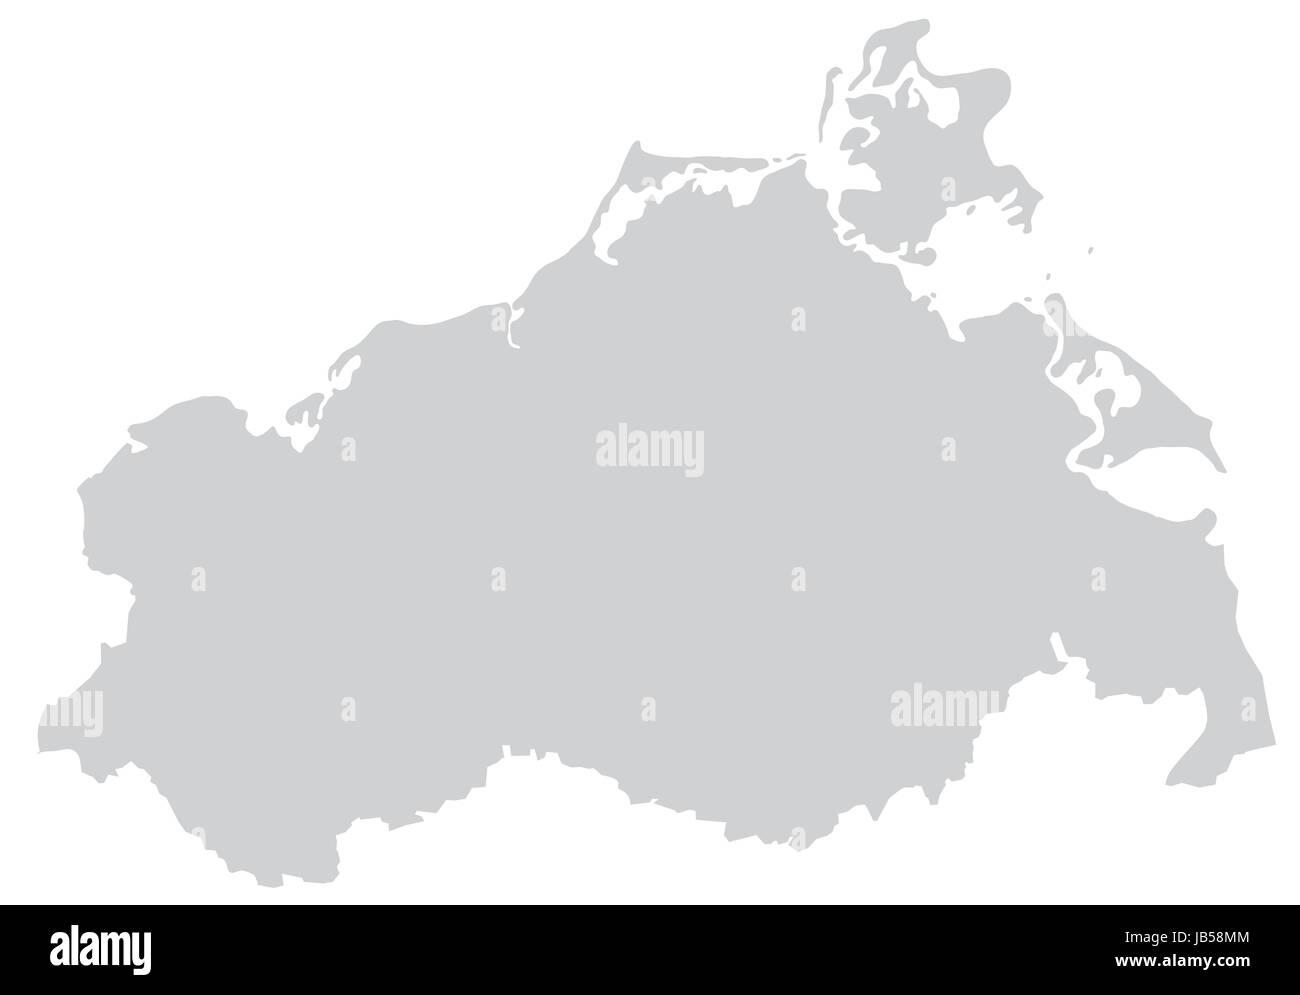 Die Karte kann sofort eingesetzt werden und ist optimiert für den Druck und den Einsatz in digitalen Medien. - Stock Image